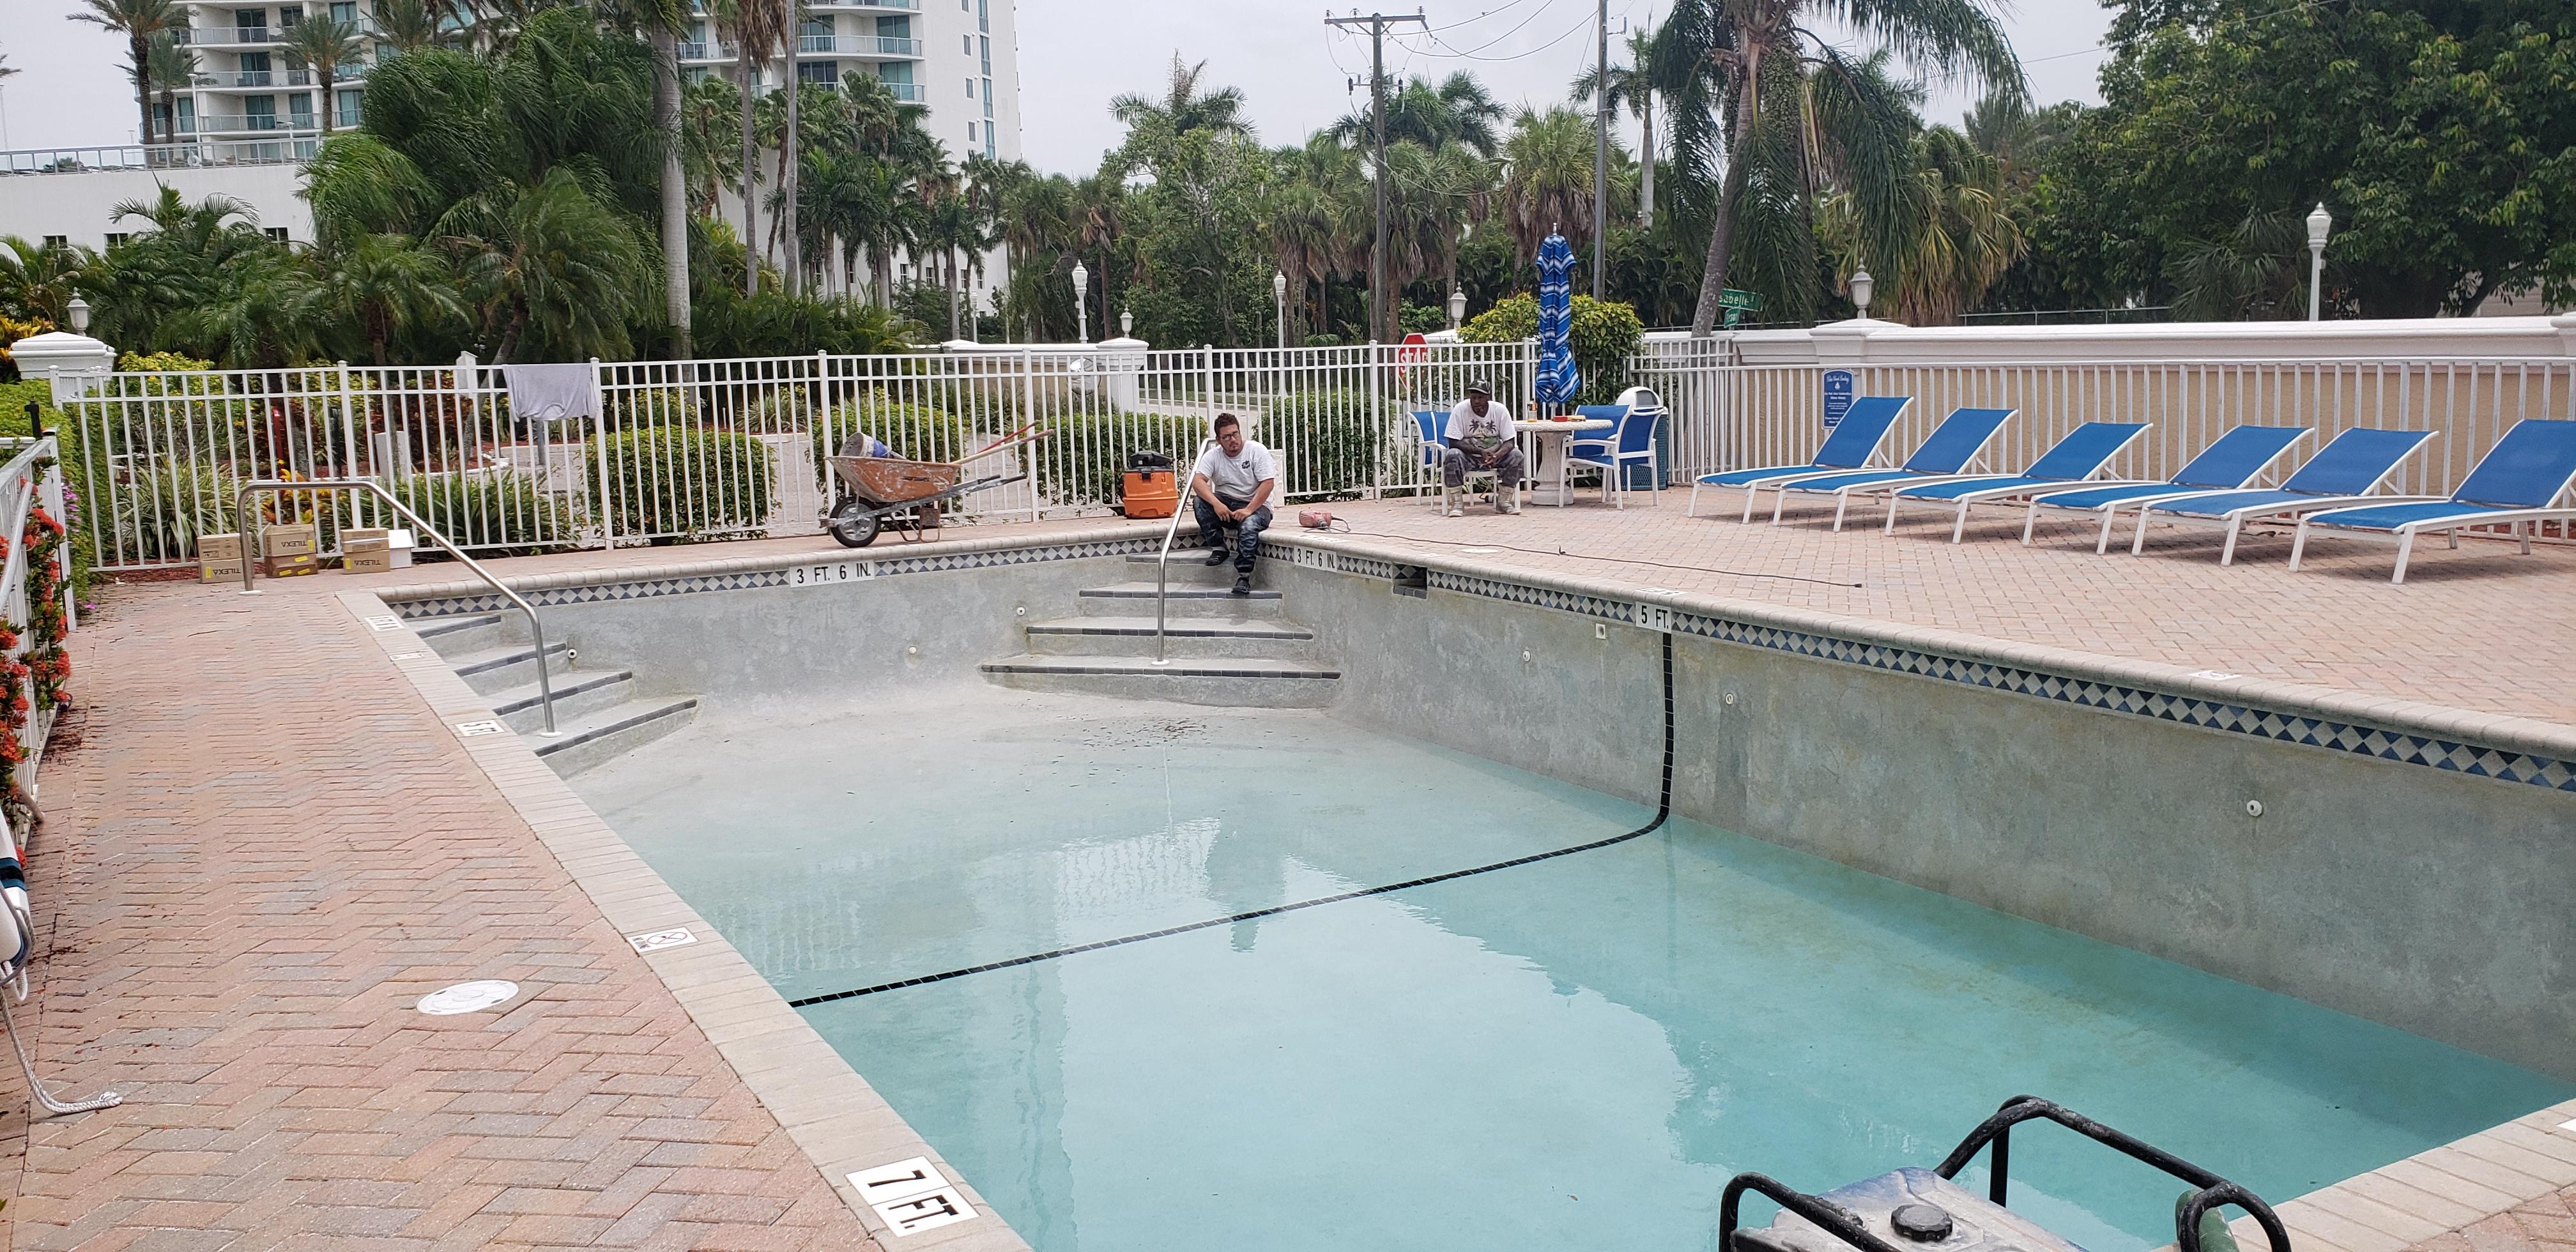 2019-07-08 Pool Resurfacings (14)